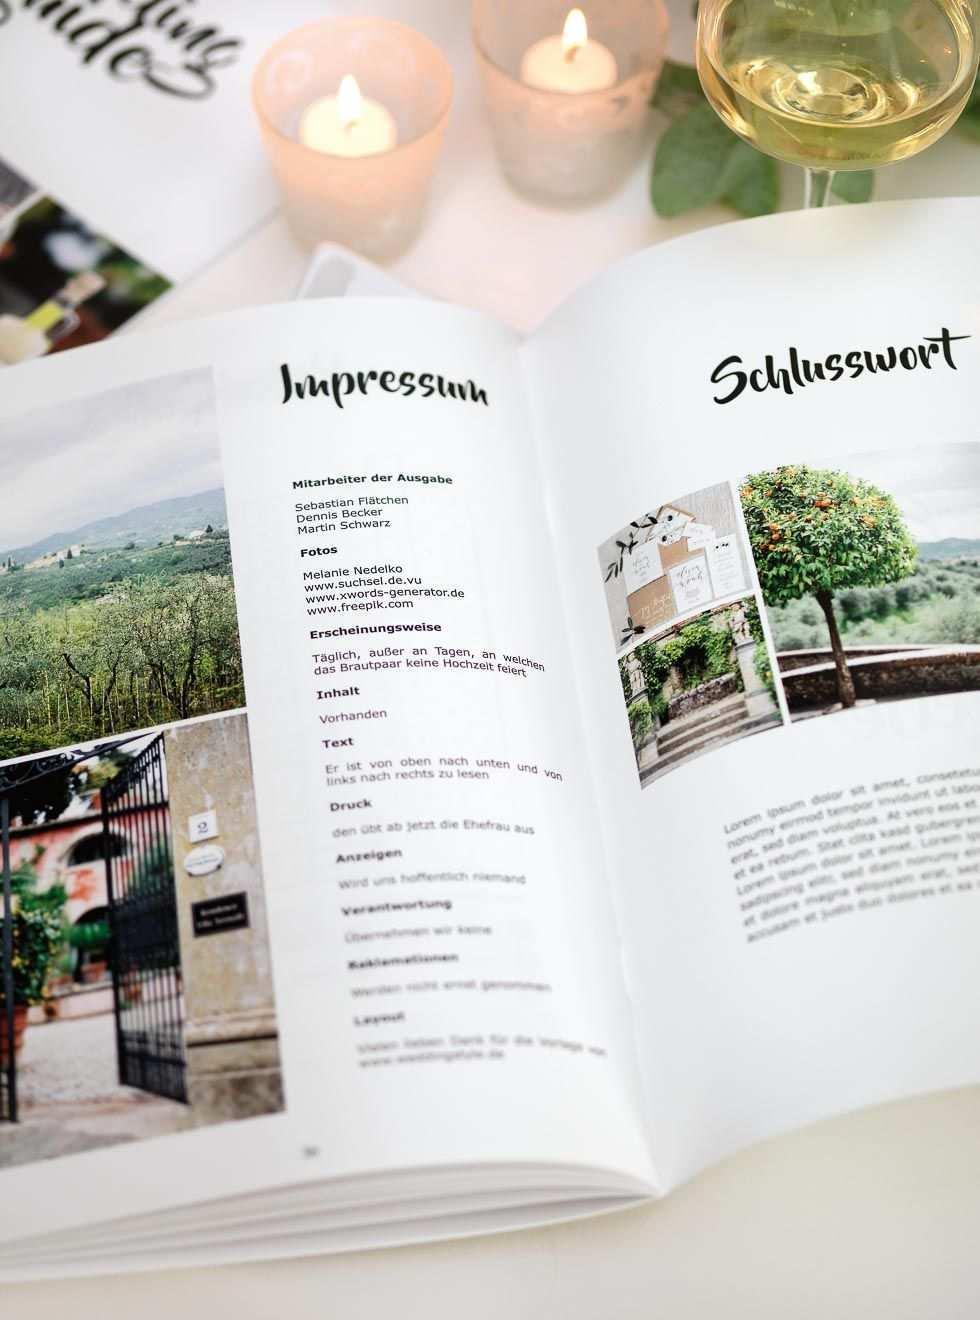 Hochzeitszeitung Vorlage Professionelles Magazin In Word Gestalten Hochzeitszeitung Hochzeitszeitung Ideen Hochzeit